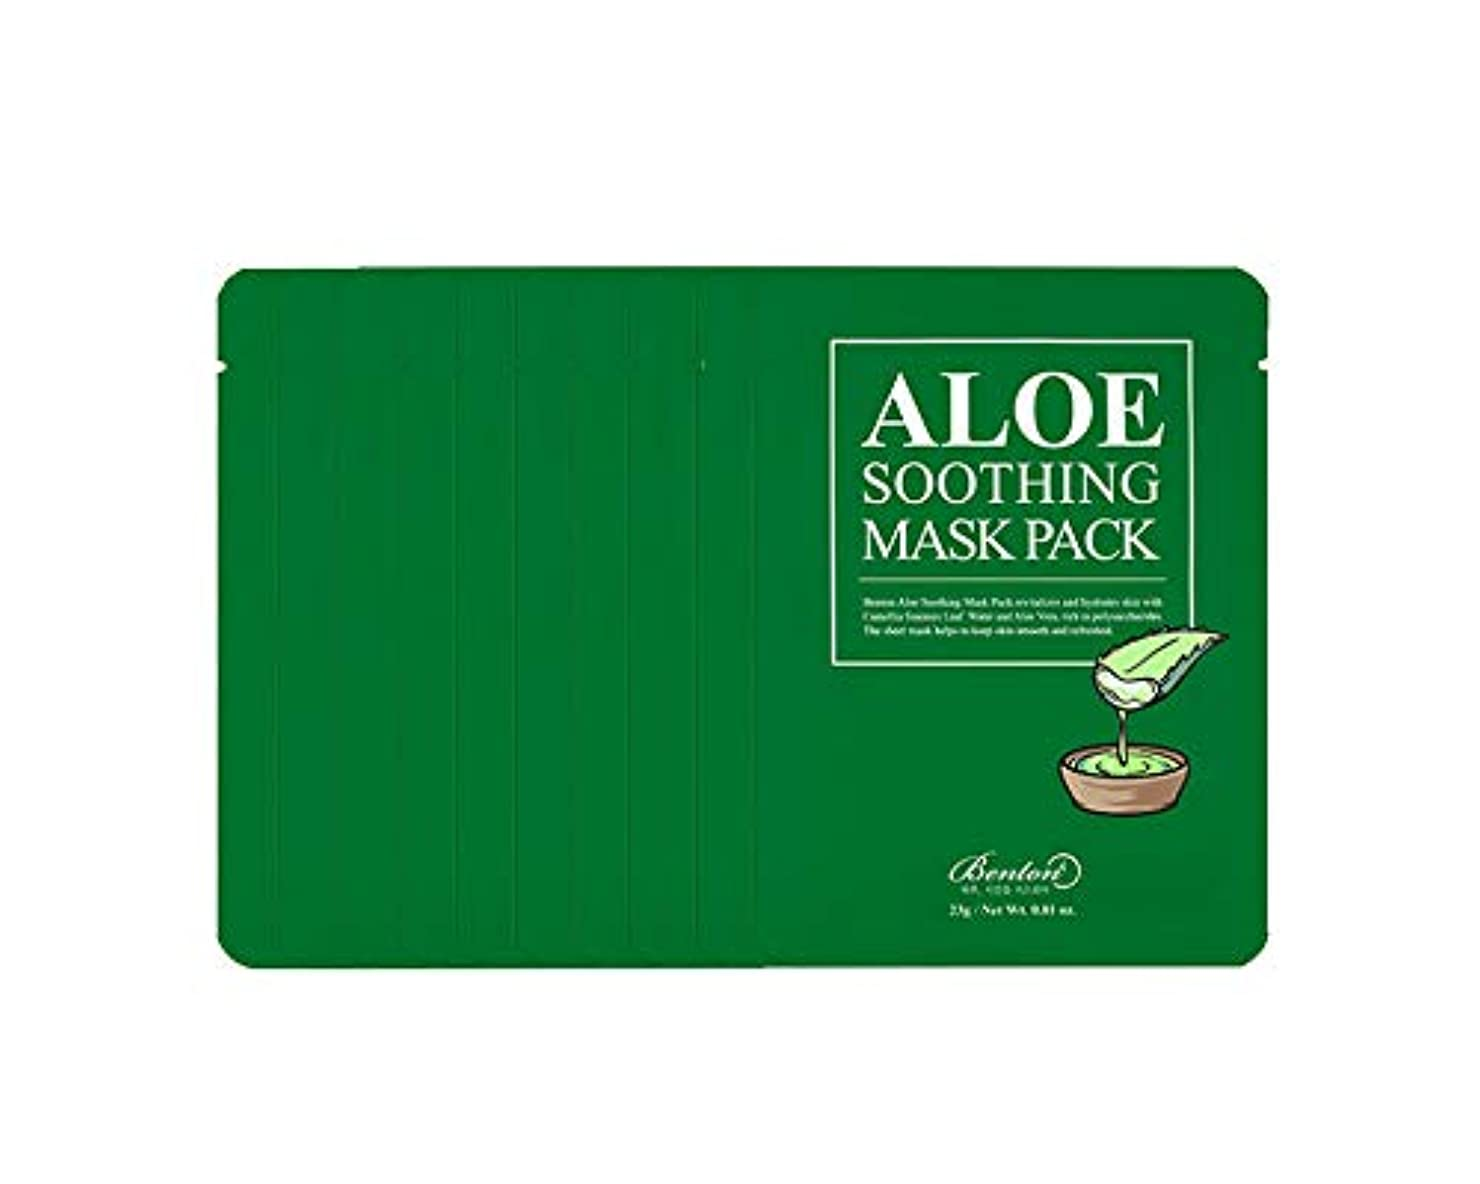 めんどり信じられない空港[ベントン] アロエスージングマスクパック Benton Aloe Soothing Mask Pack 10 Sheets [並行輸入品]